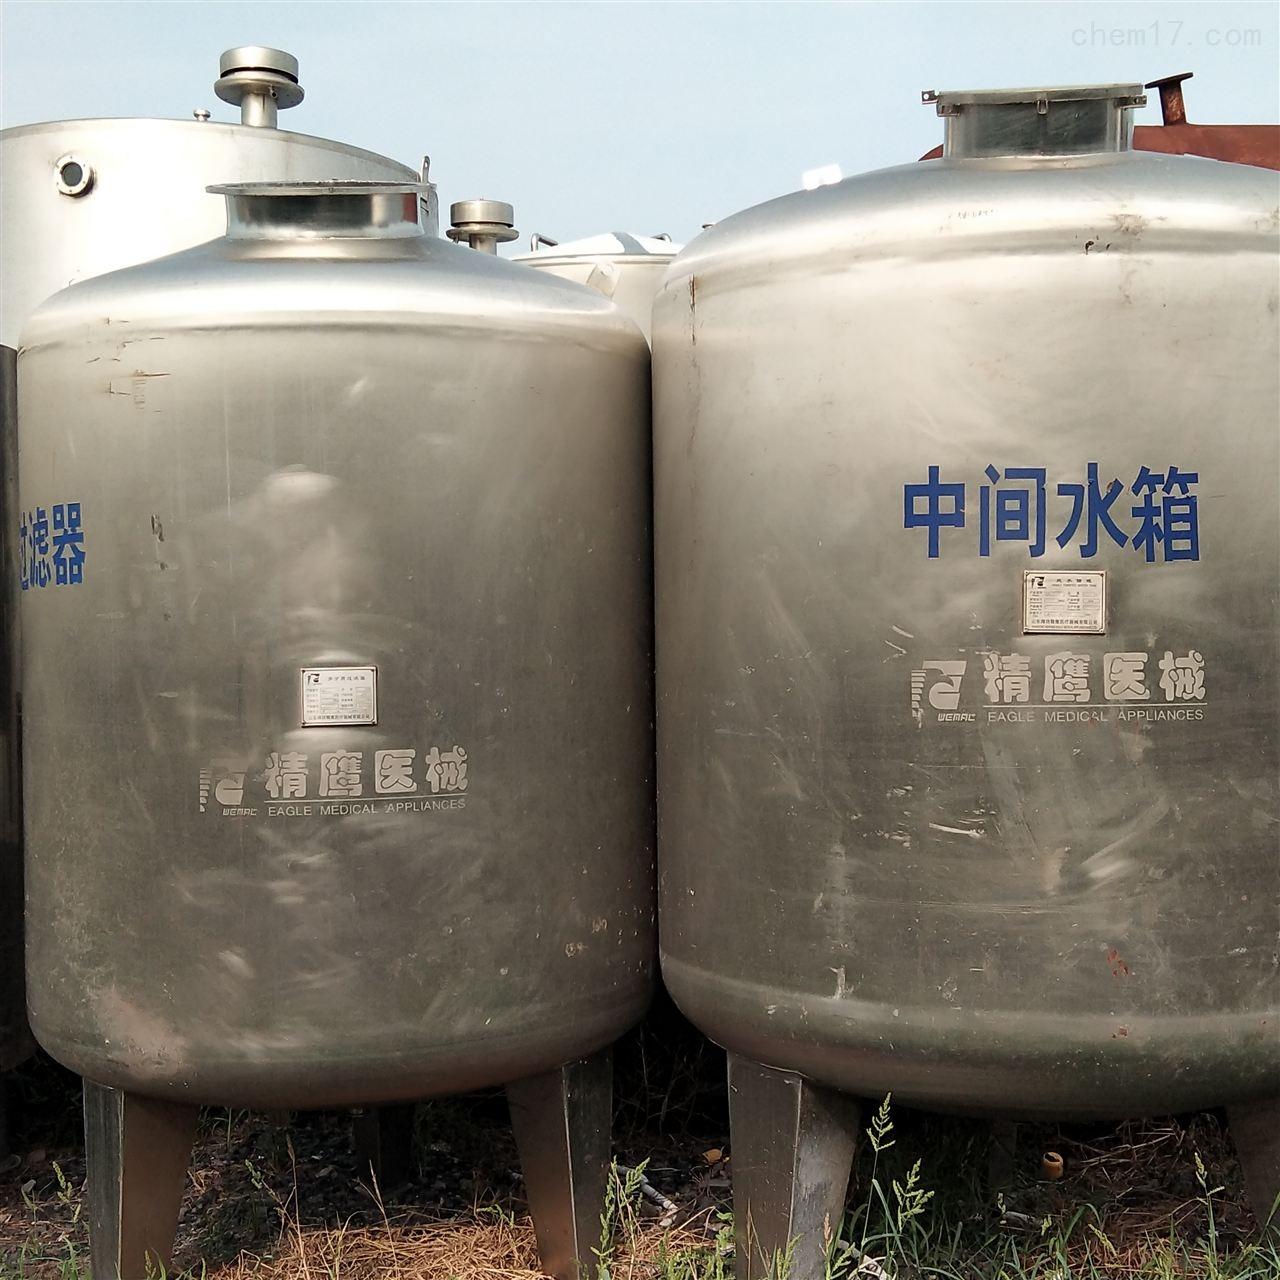 长期回收不锈钢乳品罐